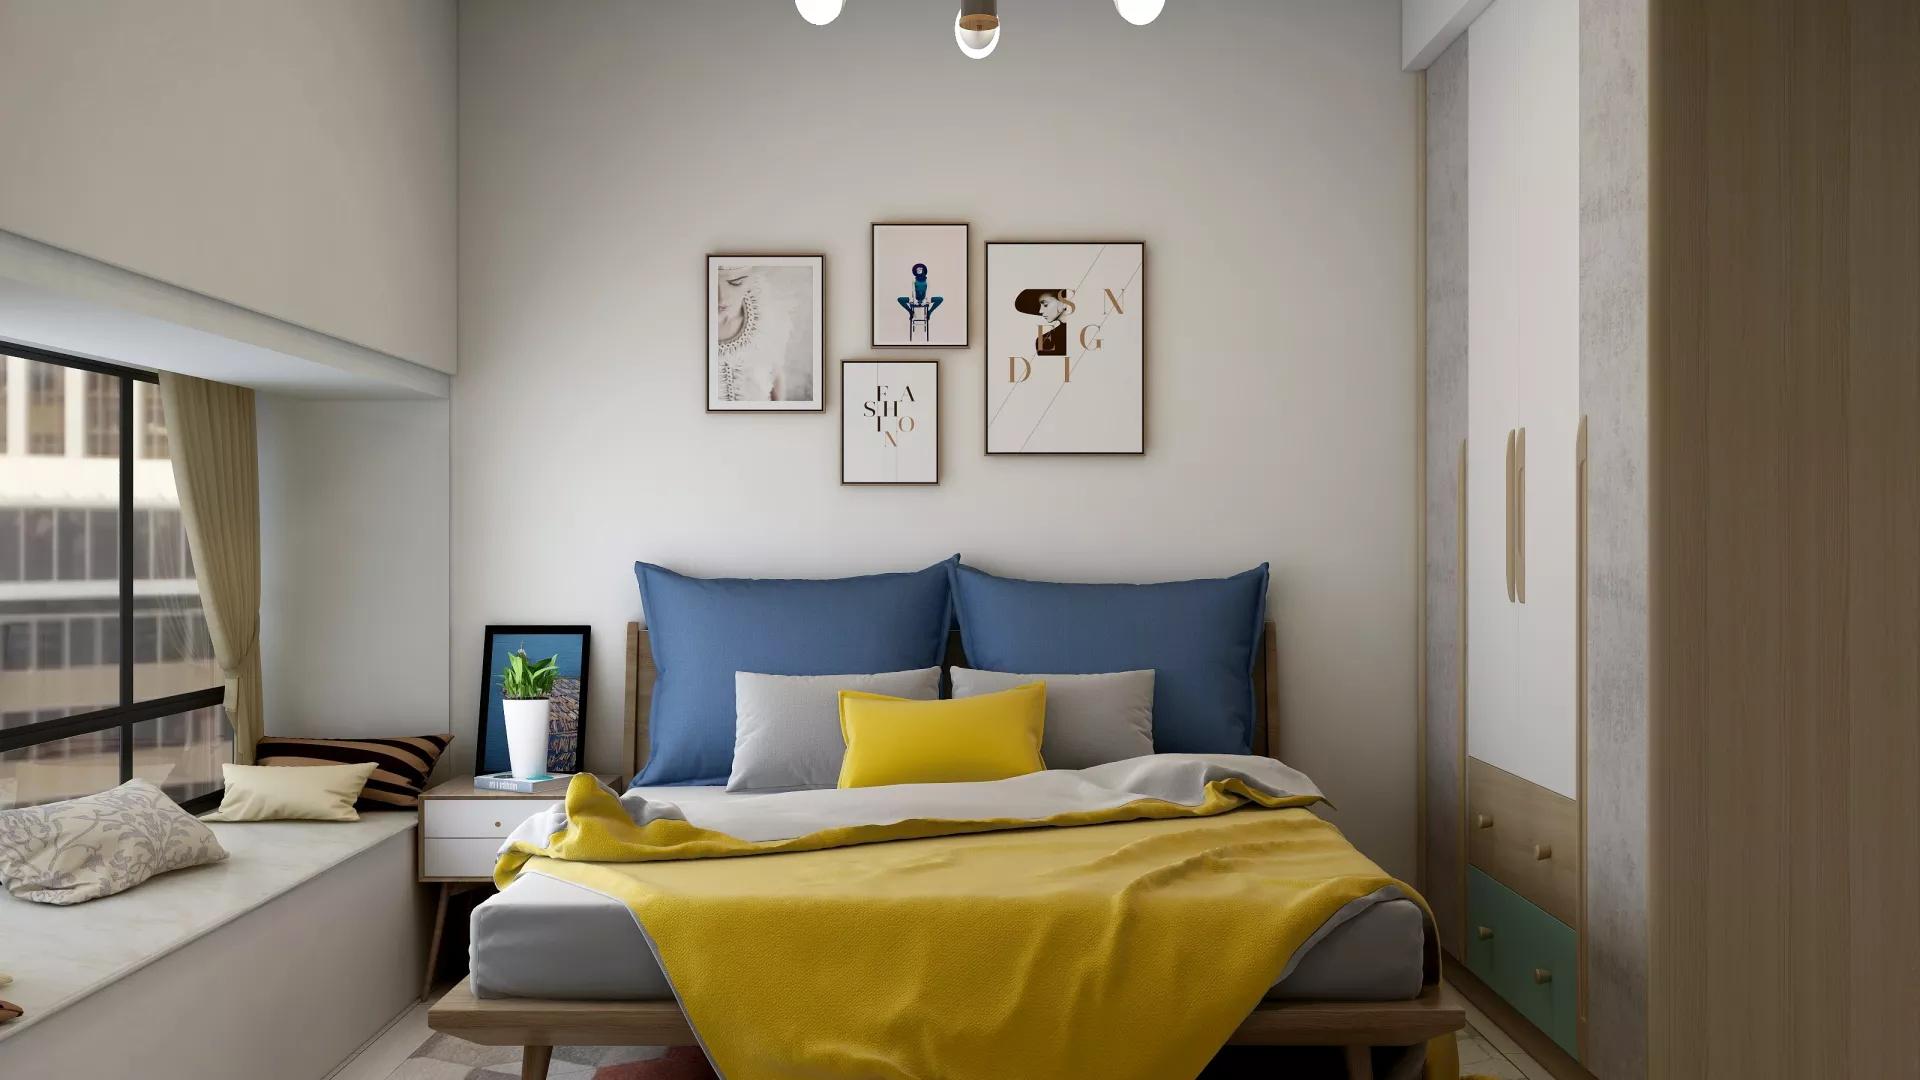 依思蒙沙的床垫怎么样 依思蒙沙床垫介绍